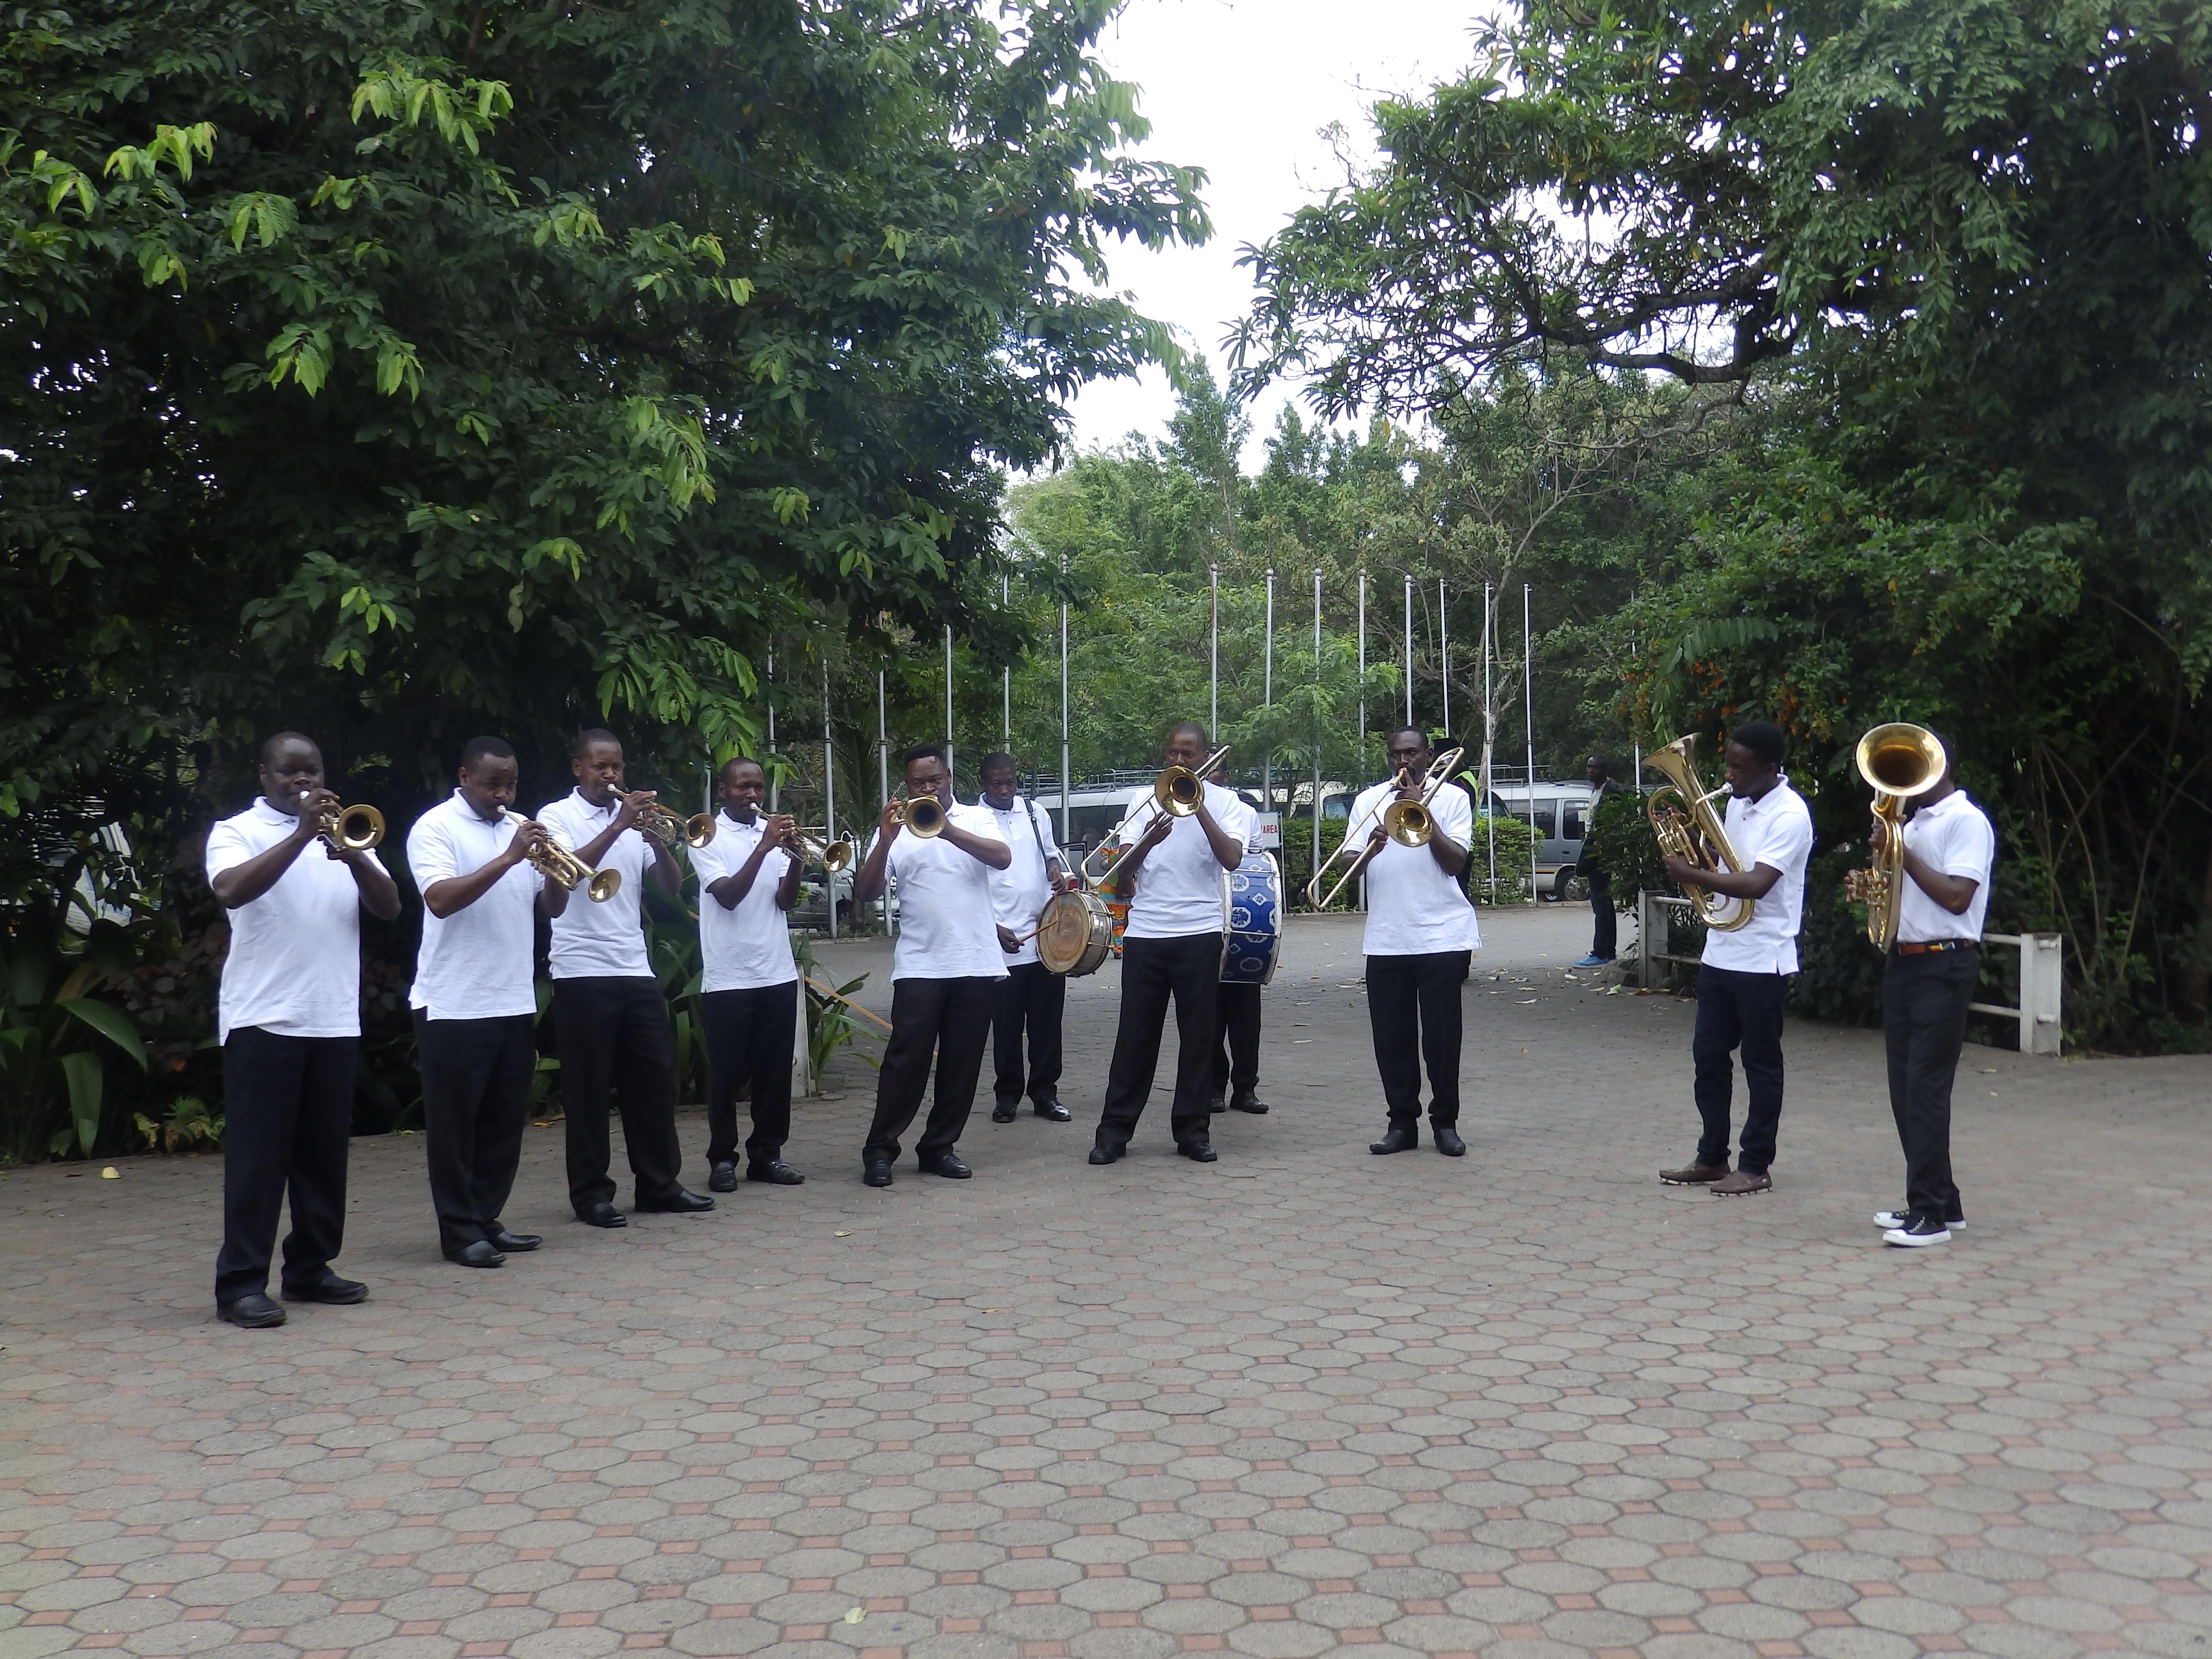 L'accueil des délégués par la fanfare composée des jeunes de l'Eglise Evangélique Luthérienne de Tanzanie